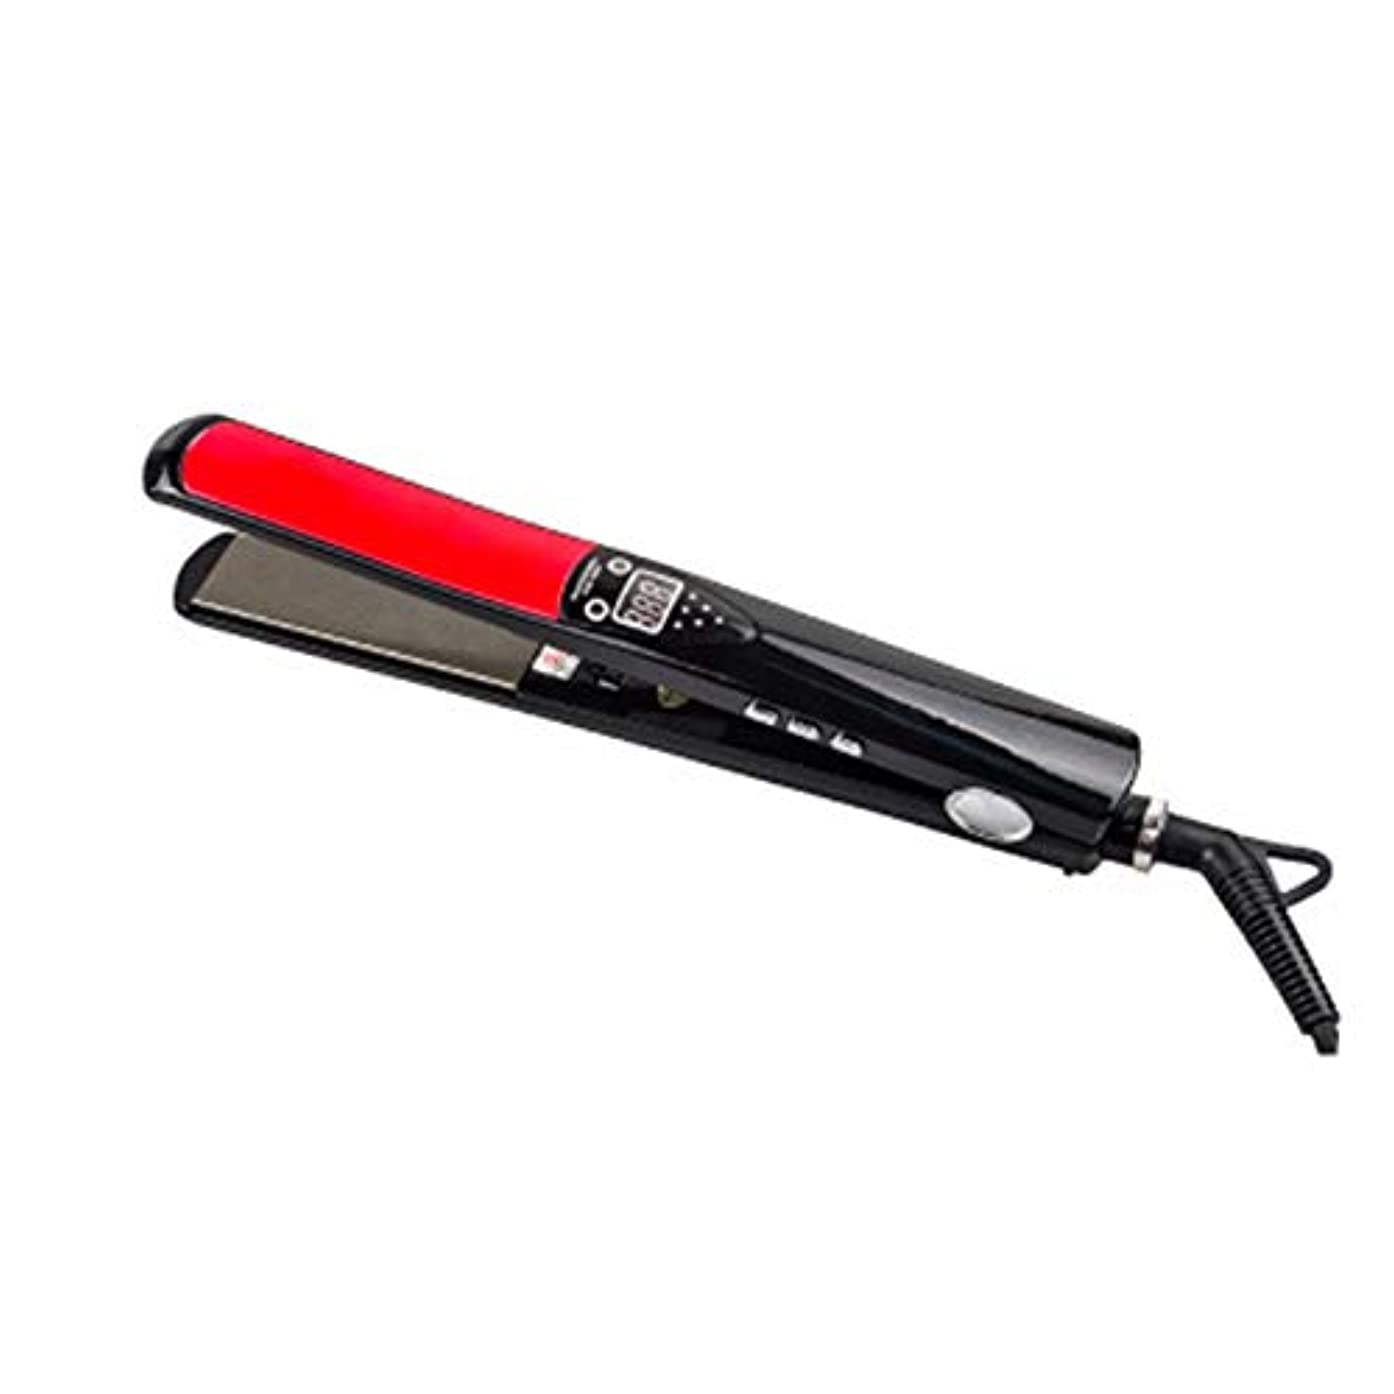 ベリ目立つかなりカーリーヘア&ストレートヘア2 in 1電気スプリント、液晶チタンプレートカーリングアイロン、急速加熱ストレイテナー モデリングツール (色 : 黒)